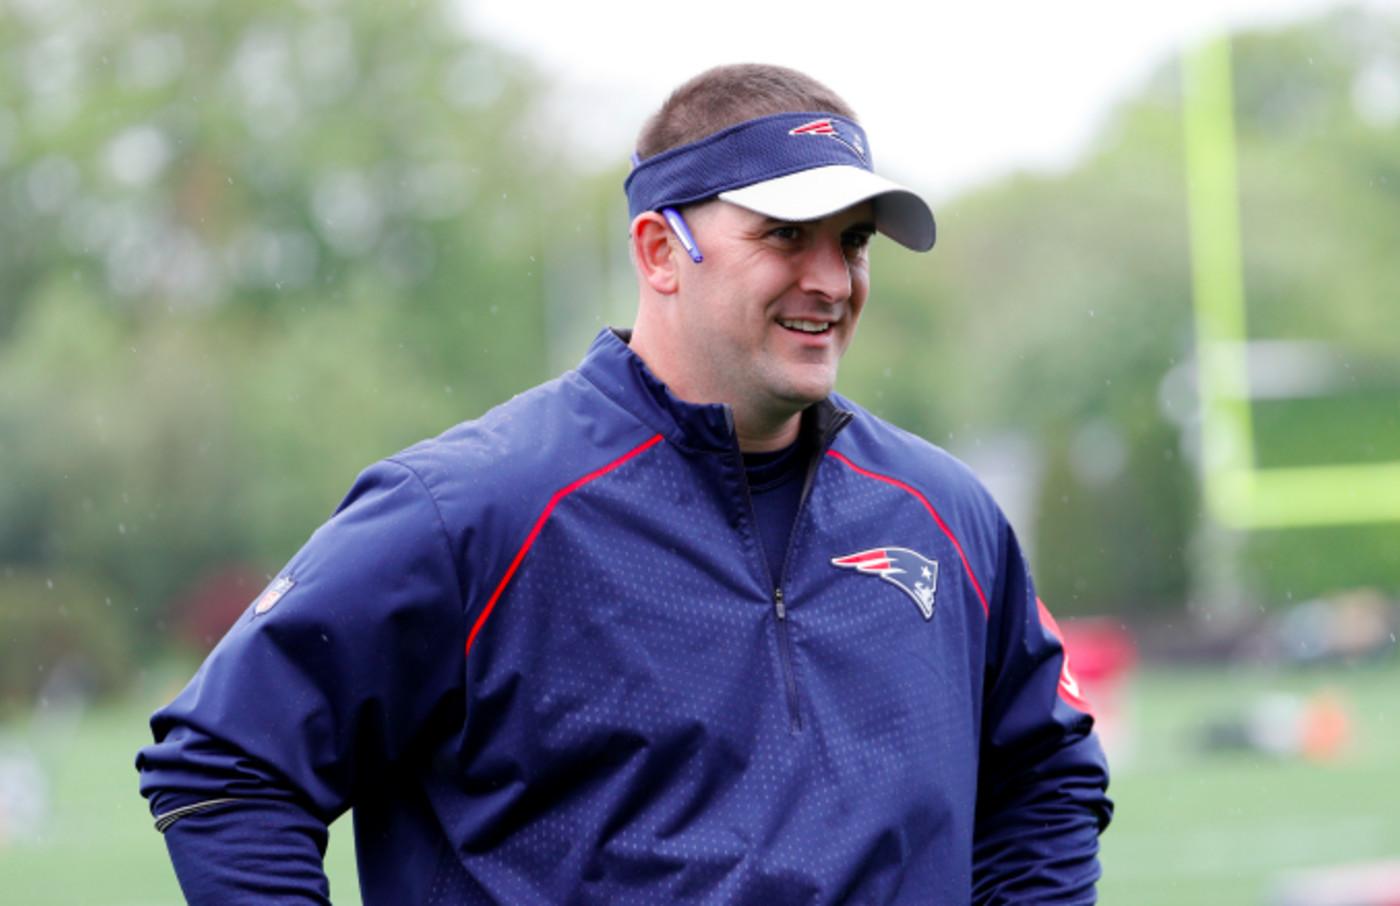 New England Patriots special teams coach Joe Judge